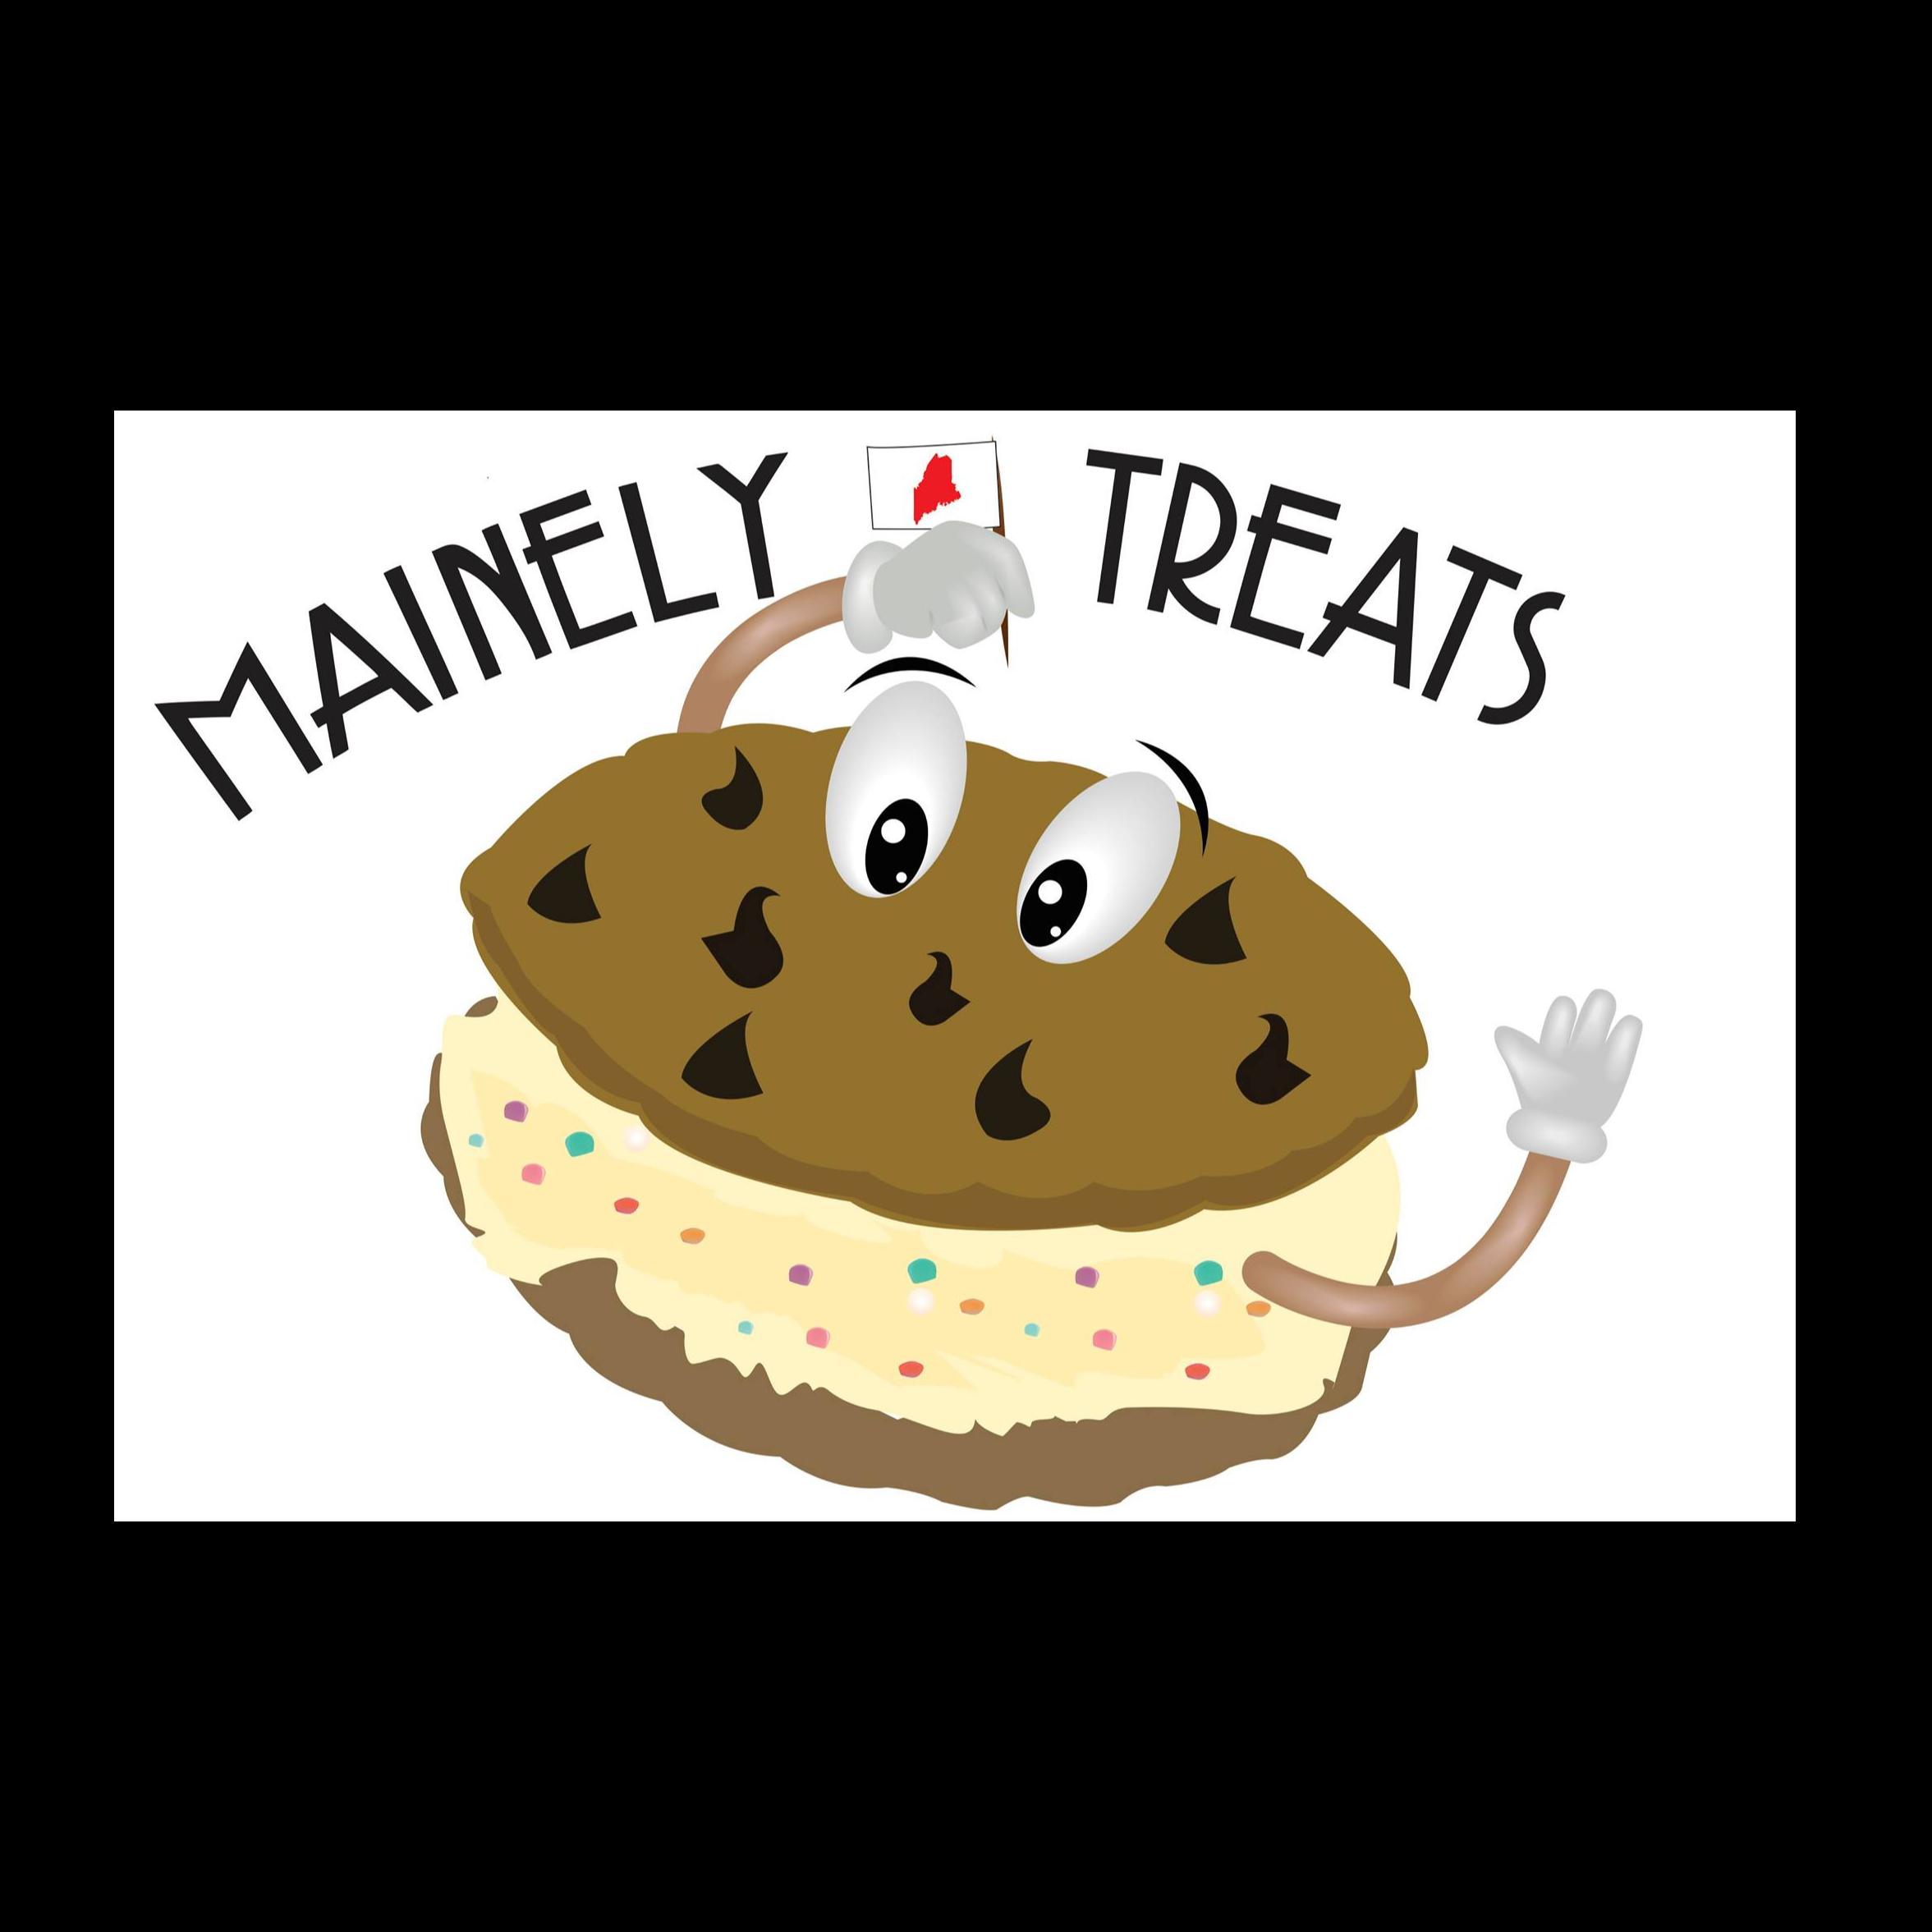 Mainely Treats logo